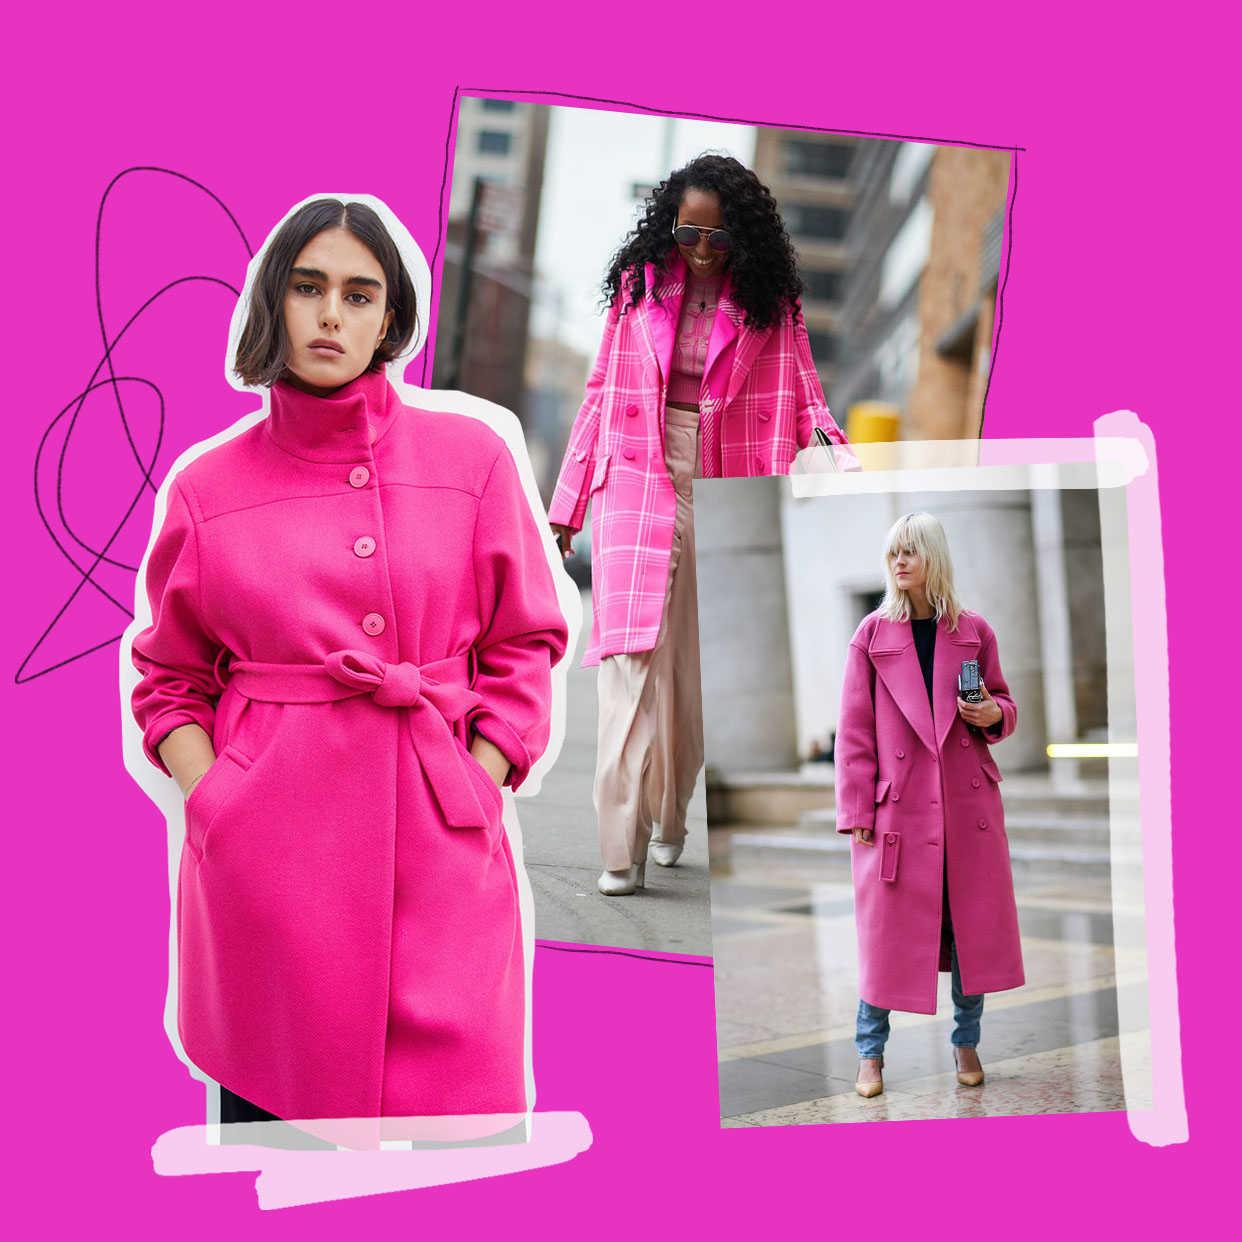 Fashion Prédiction : le manteau rose bonbon